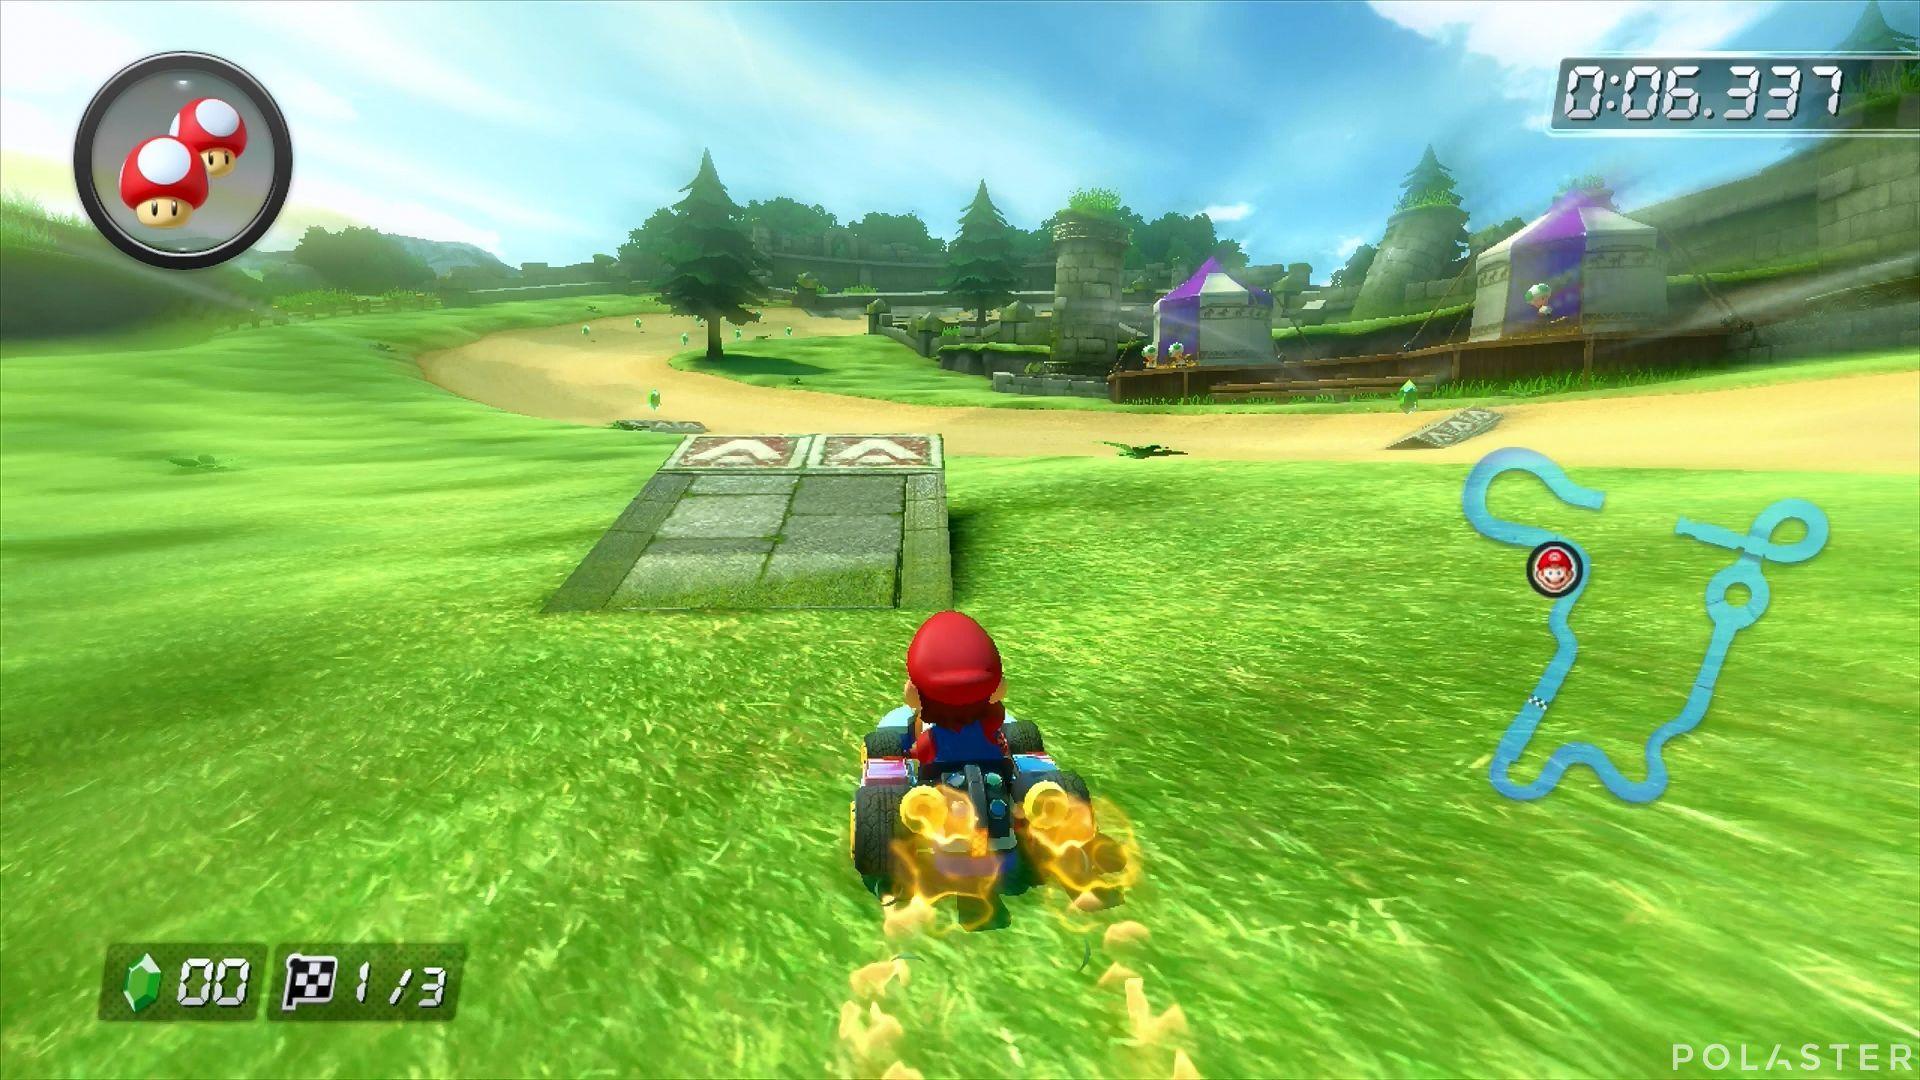 Mario Kart 8 - Circuito de Hyrule